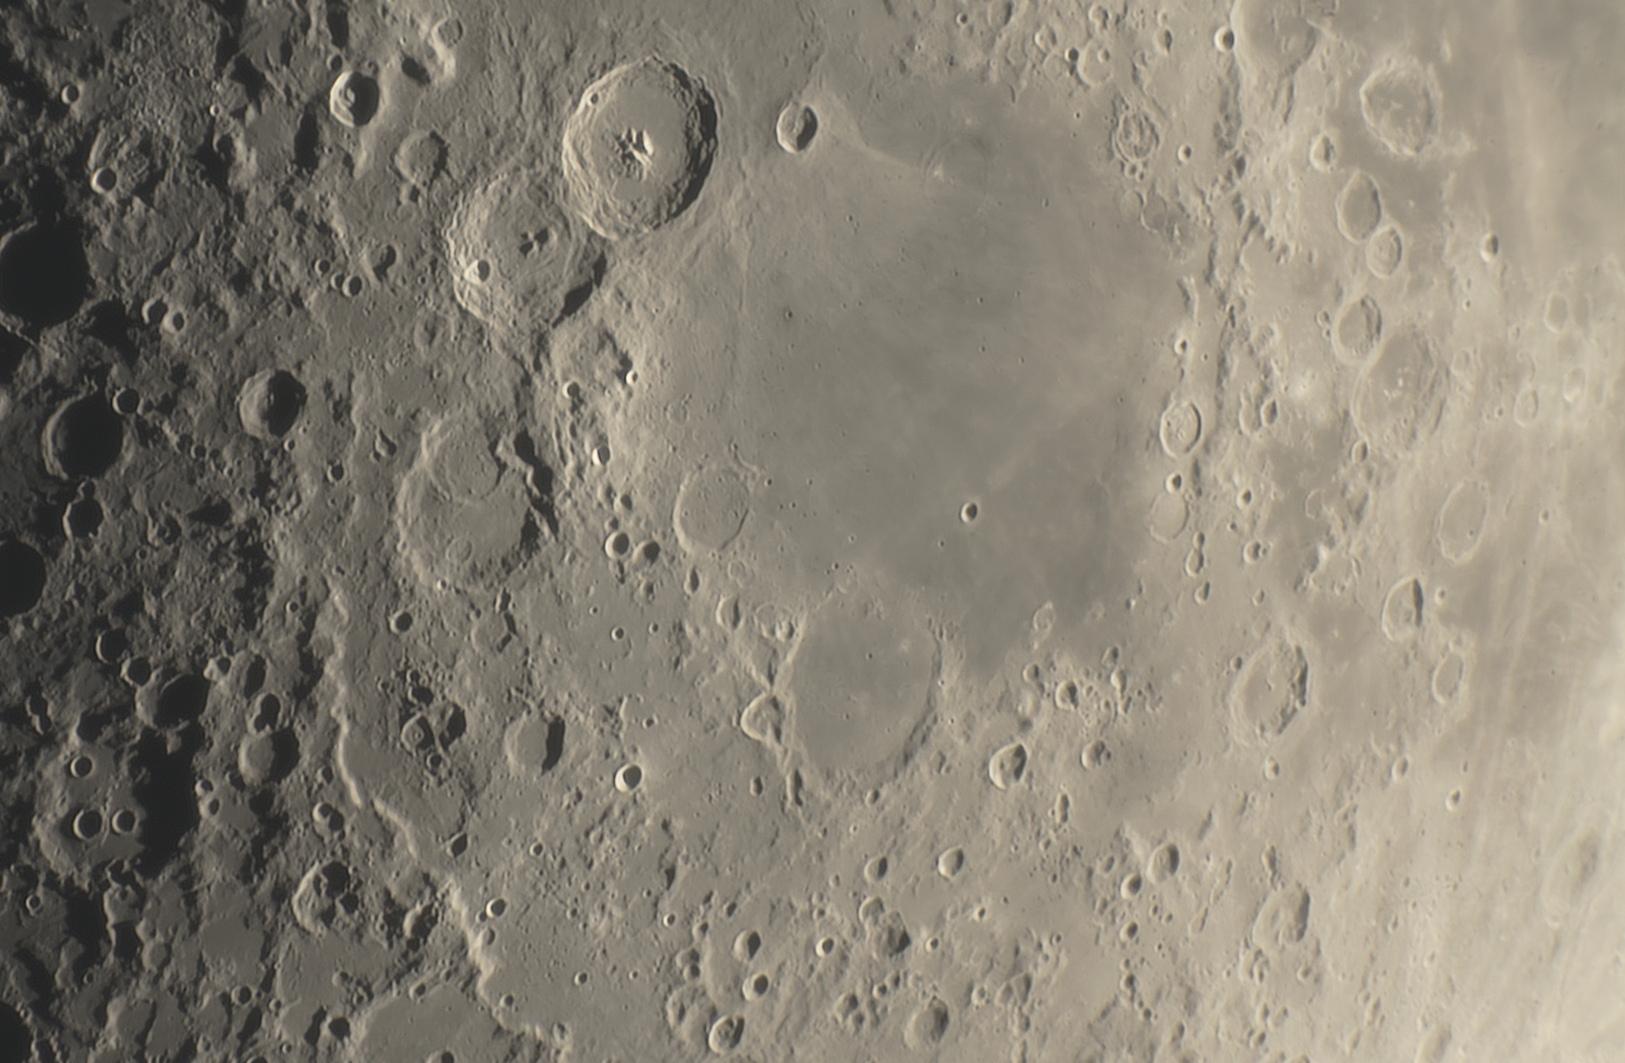 lune14.jpg.047553ed1dfa30085a2e47d4eaed47c5.jpg